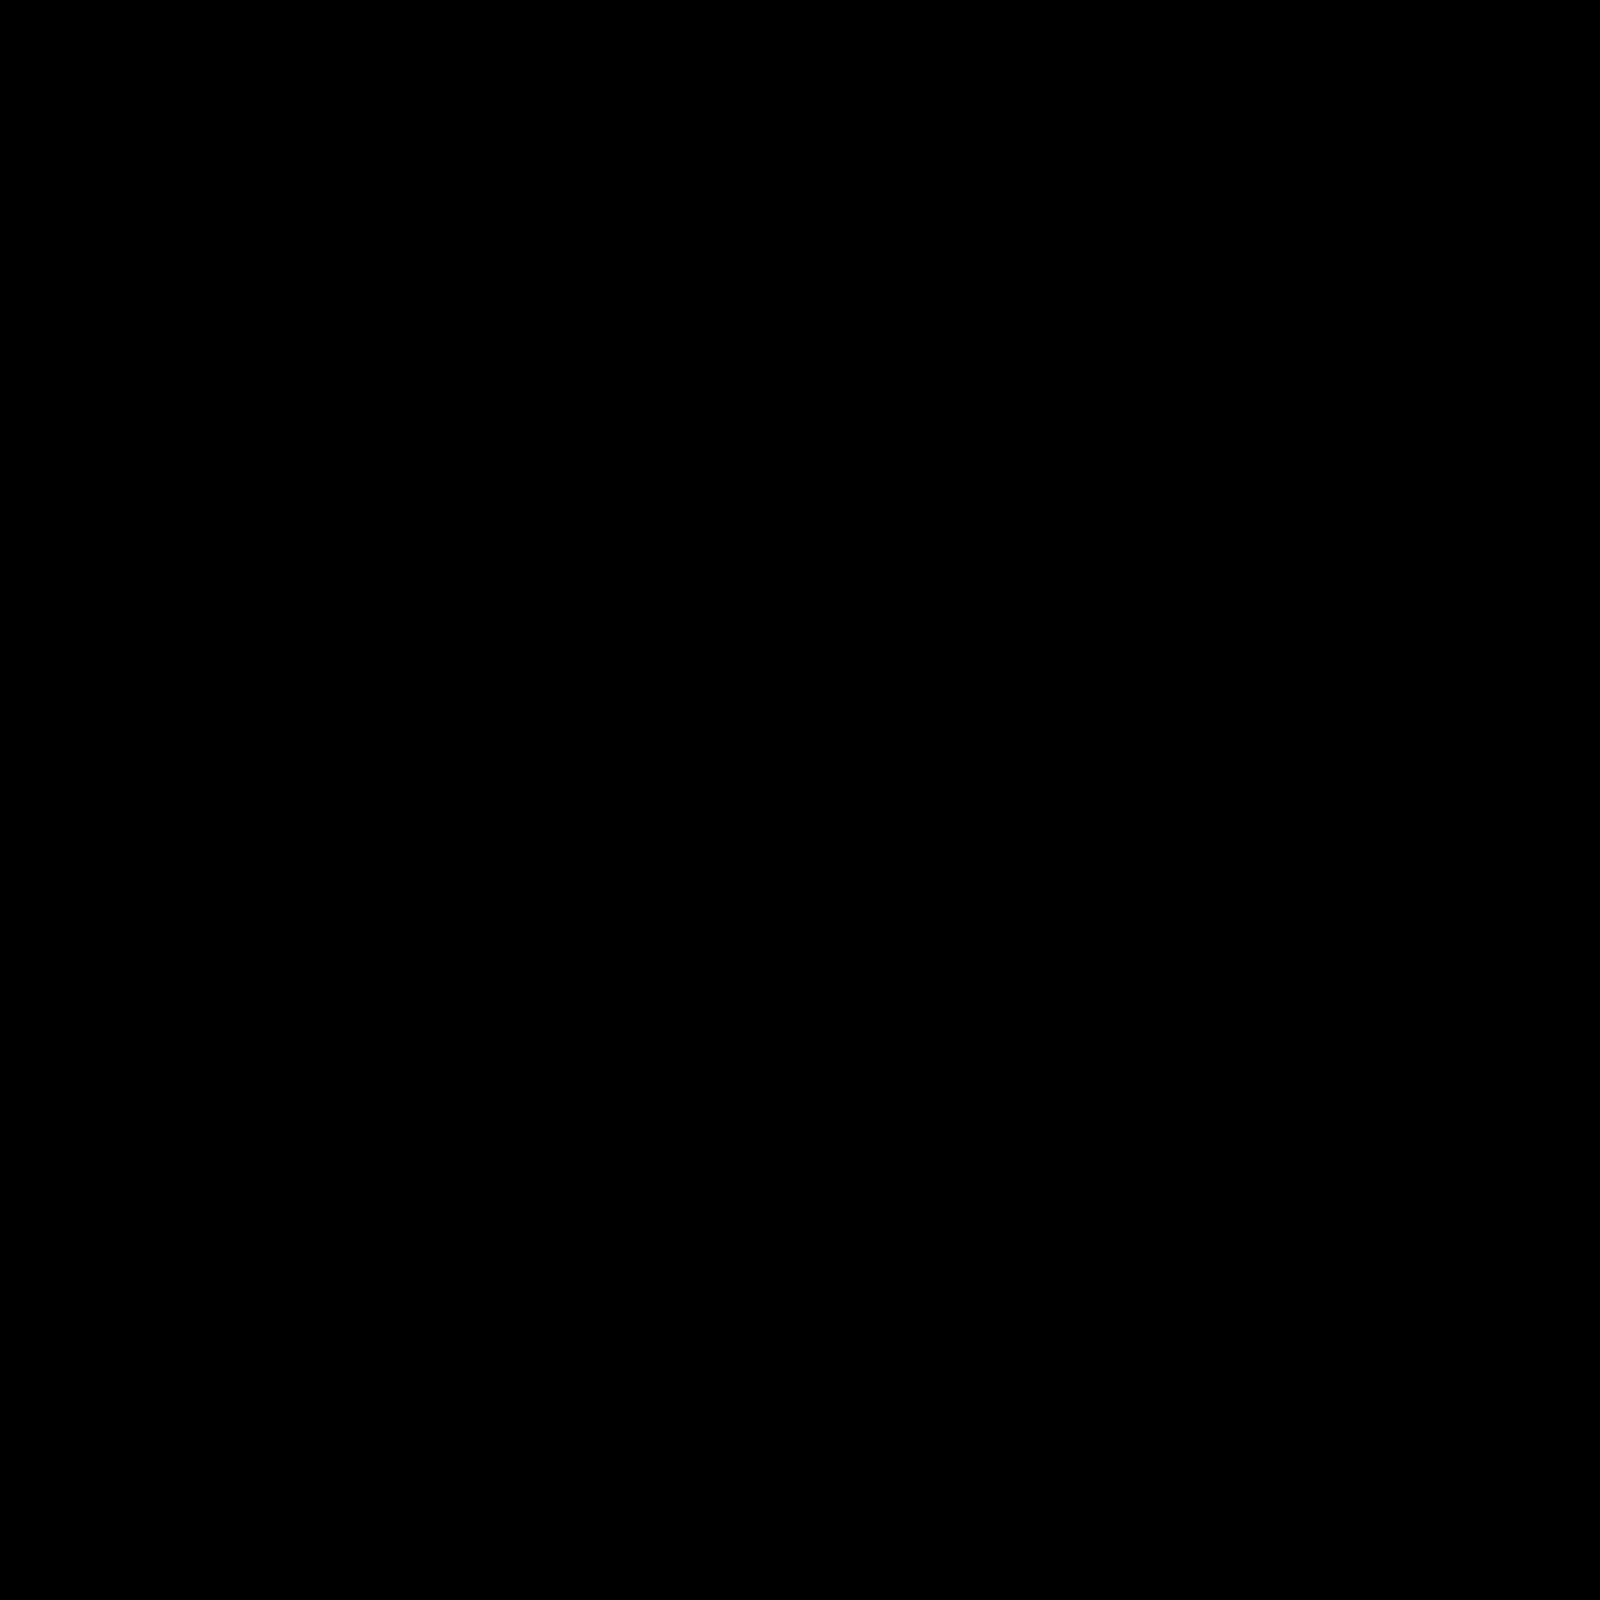 Urządzenia elektrotechniczne icon